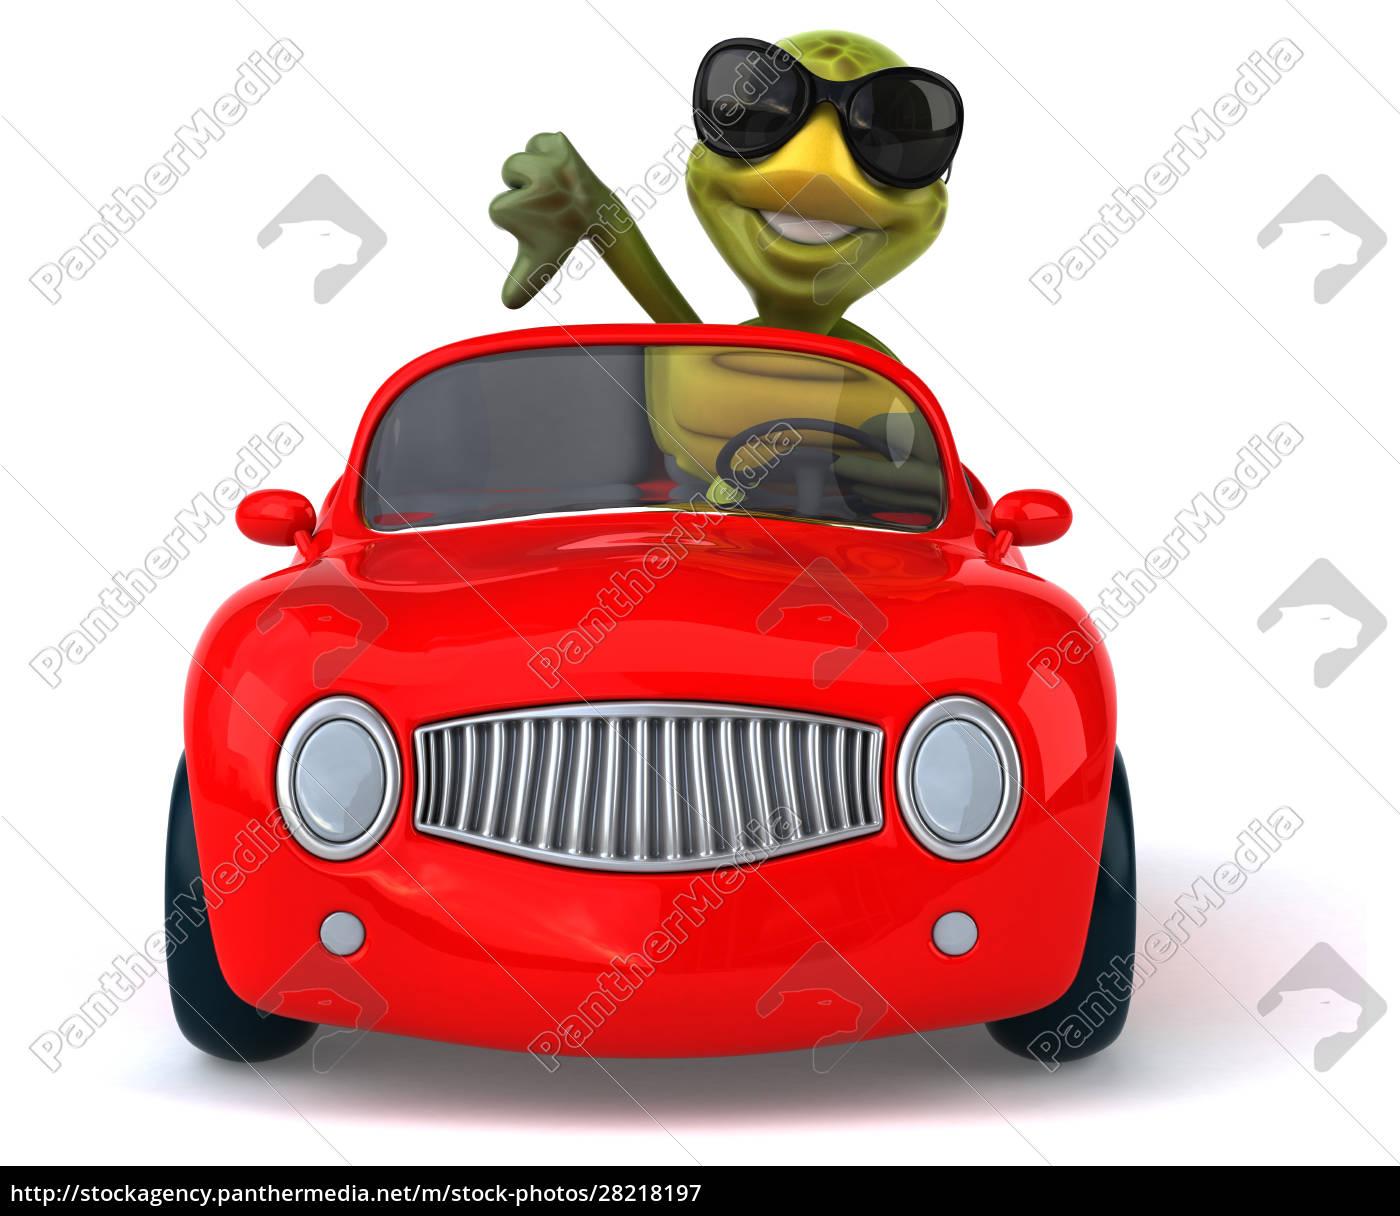 fun, turtle - 28218197